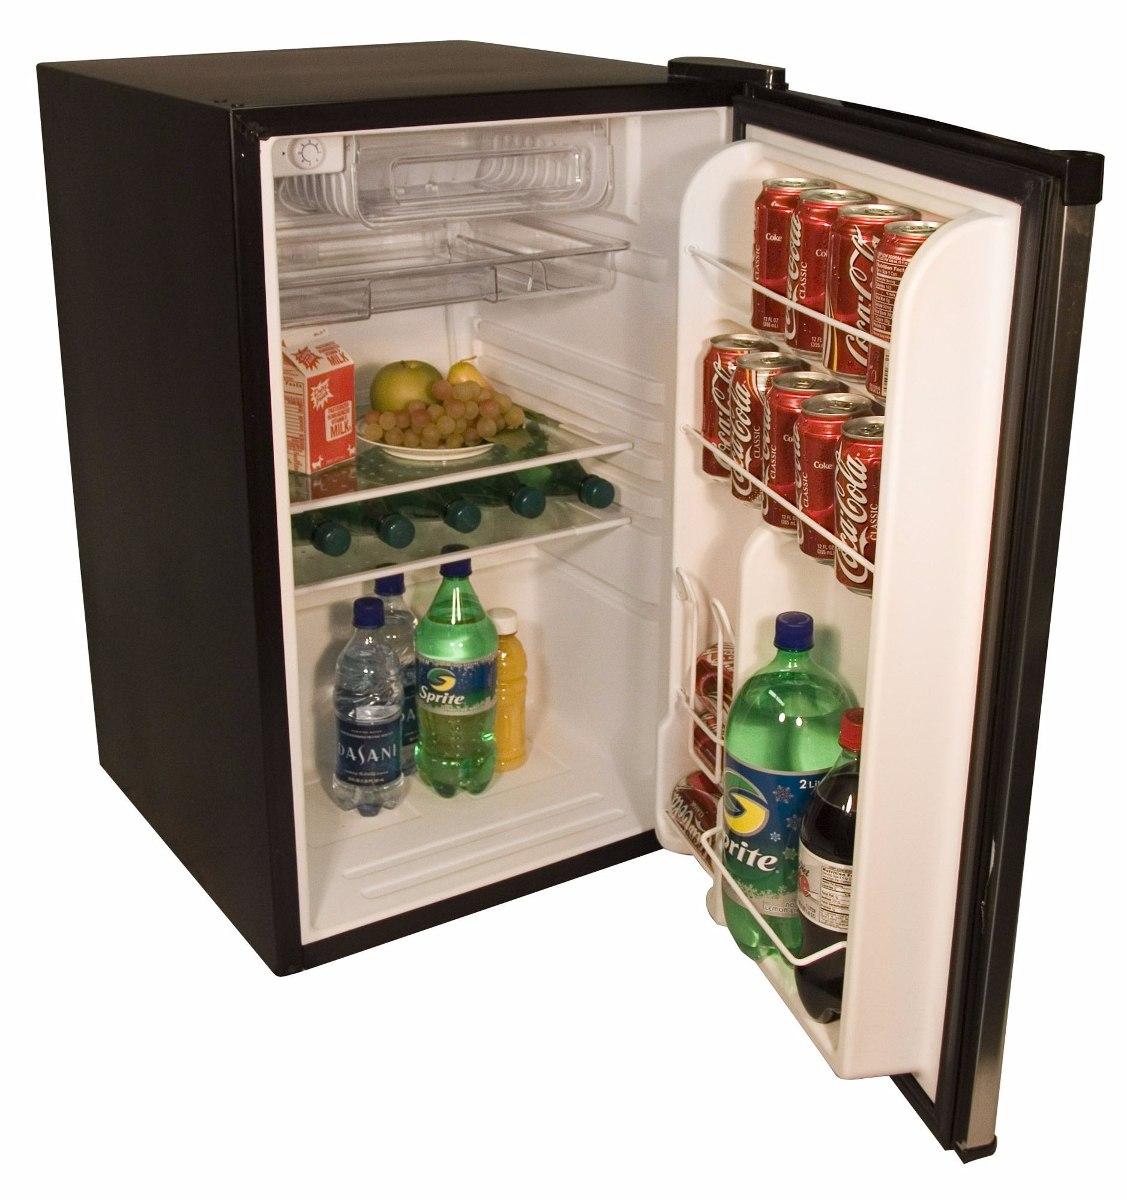 Minibar Frigobar Haier 4 6p Acero Inox Refrigerador 2